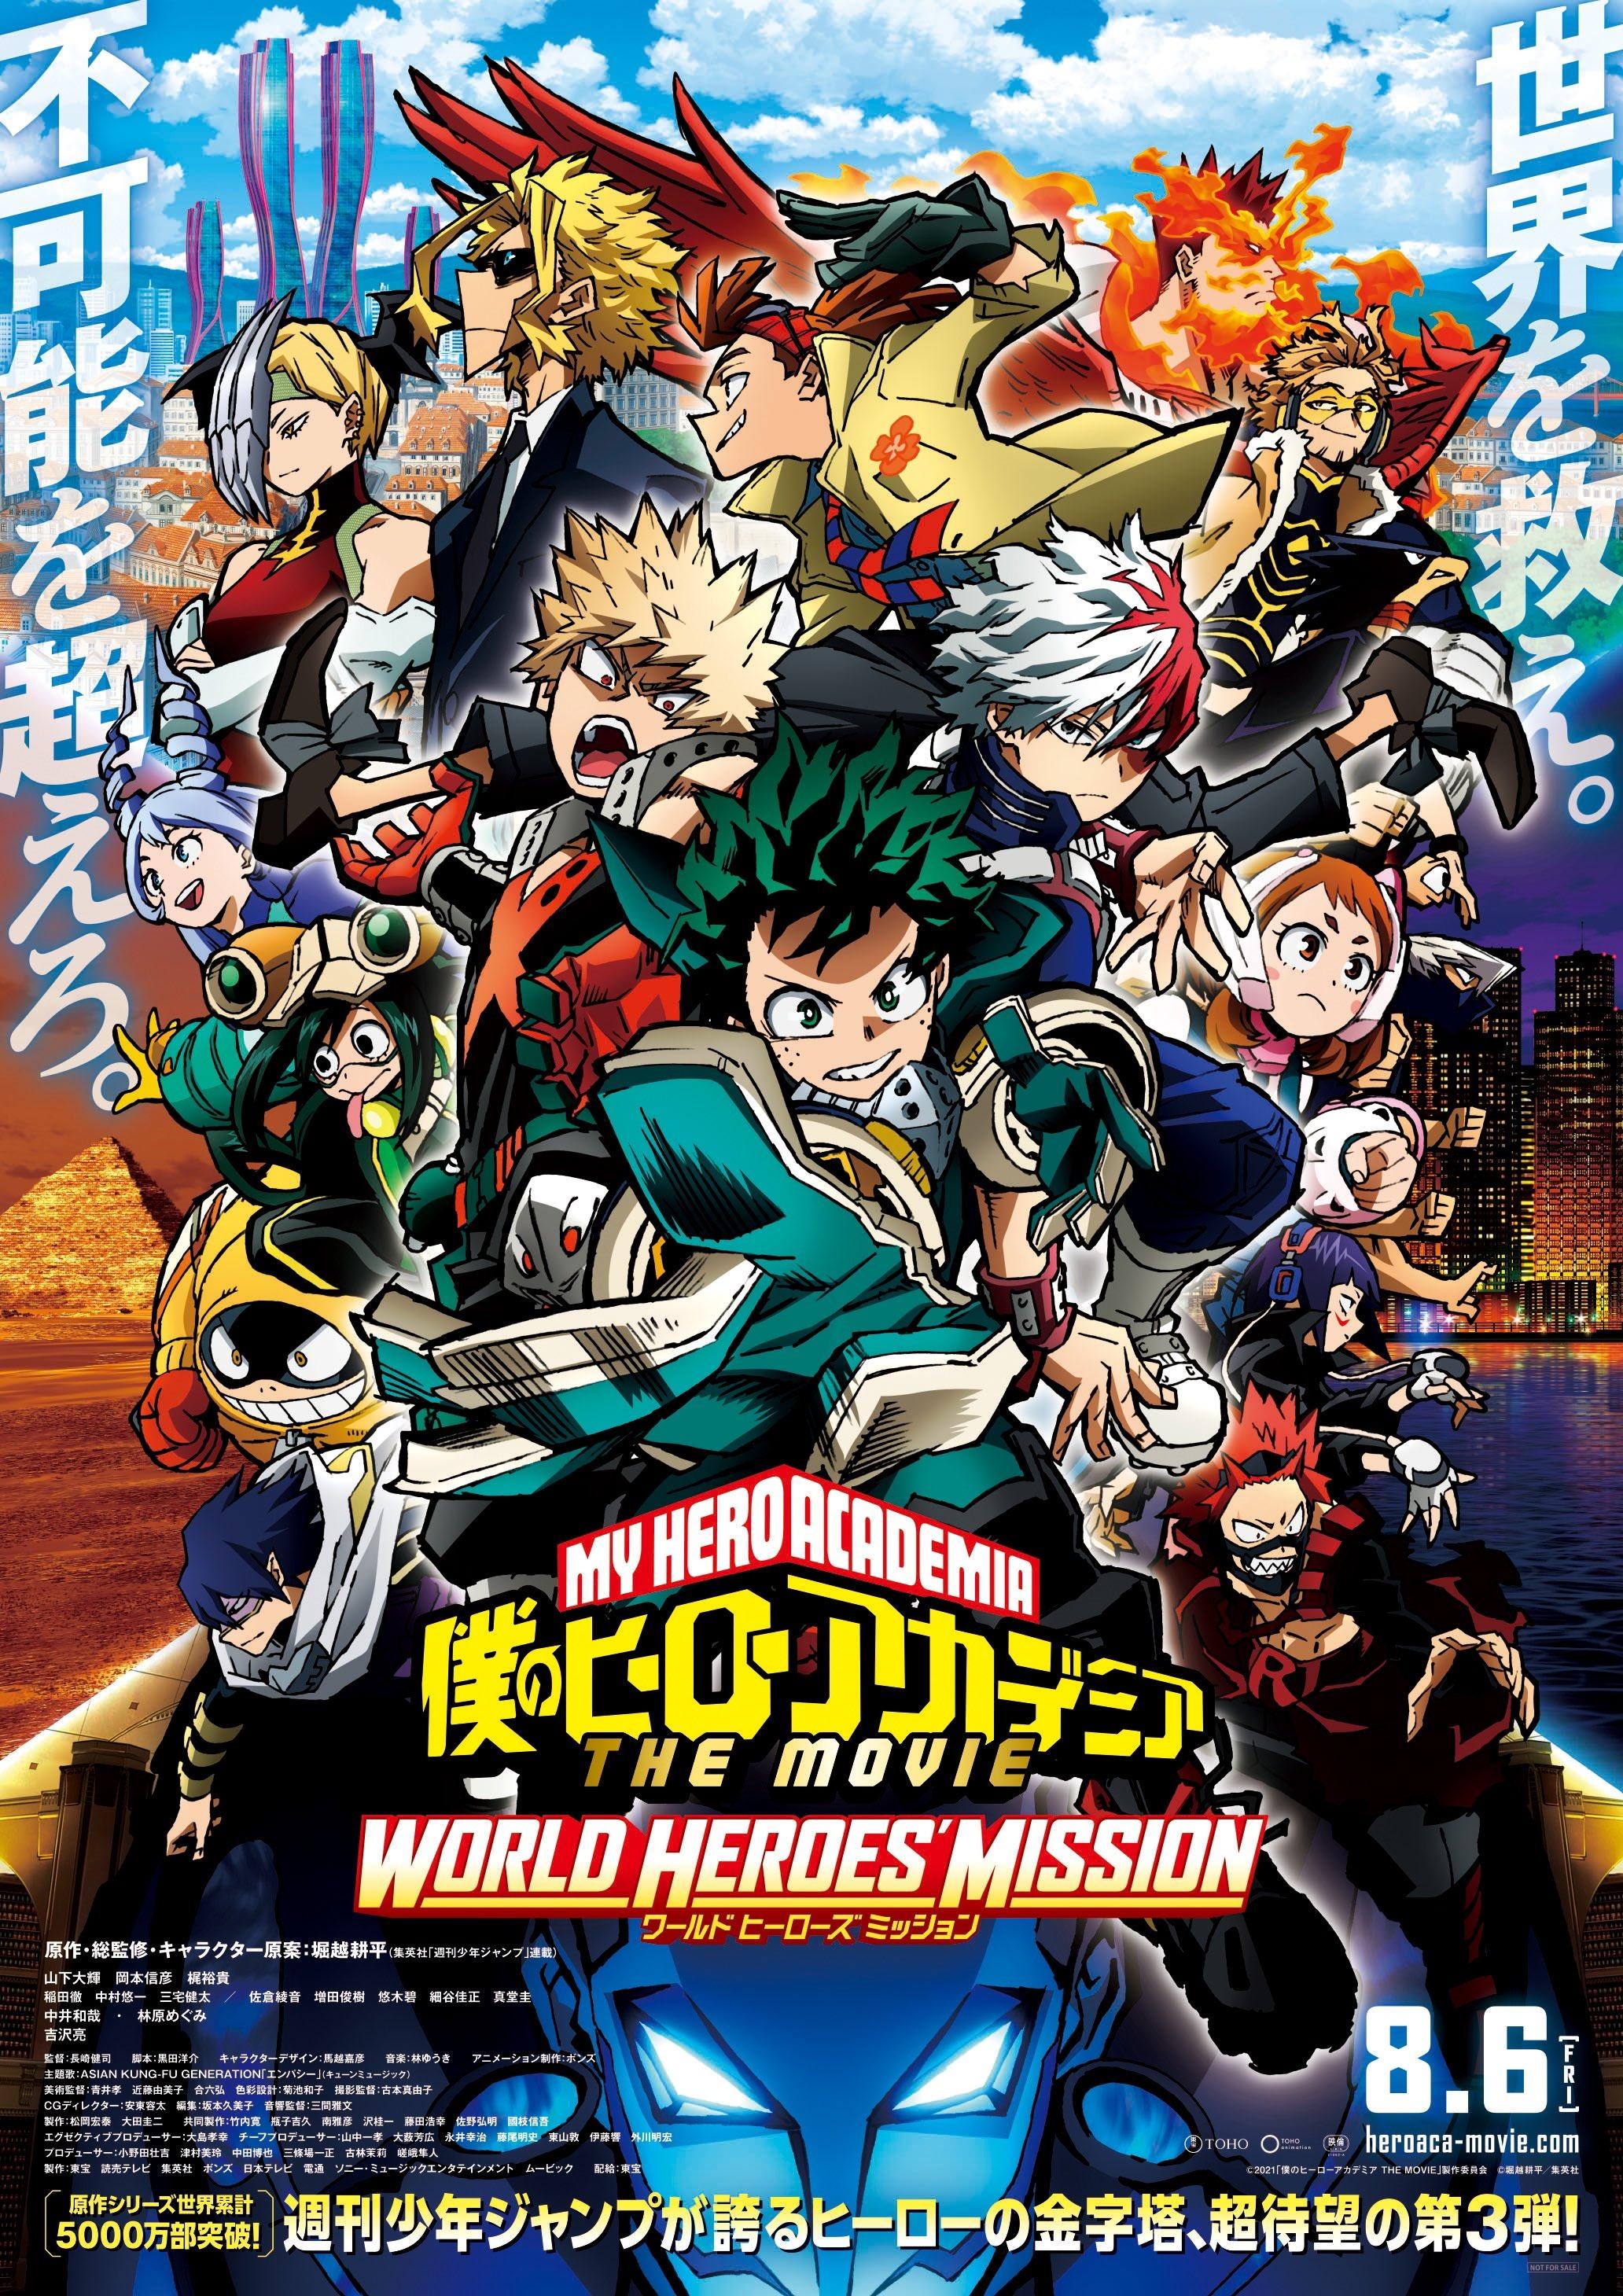 My Hero Academia LA PELÍCULA: Misión de héroes mundiales